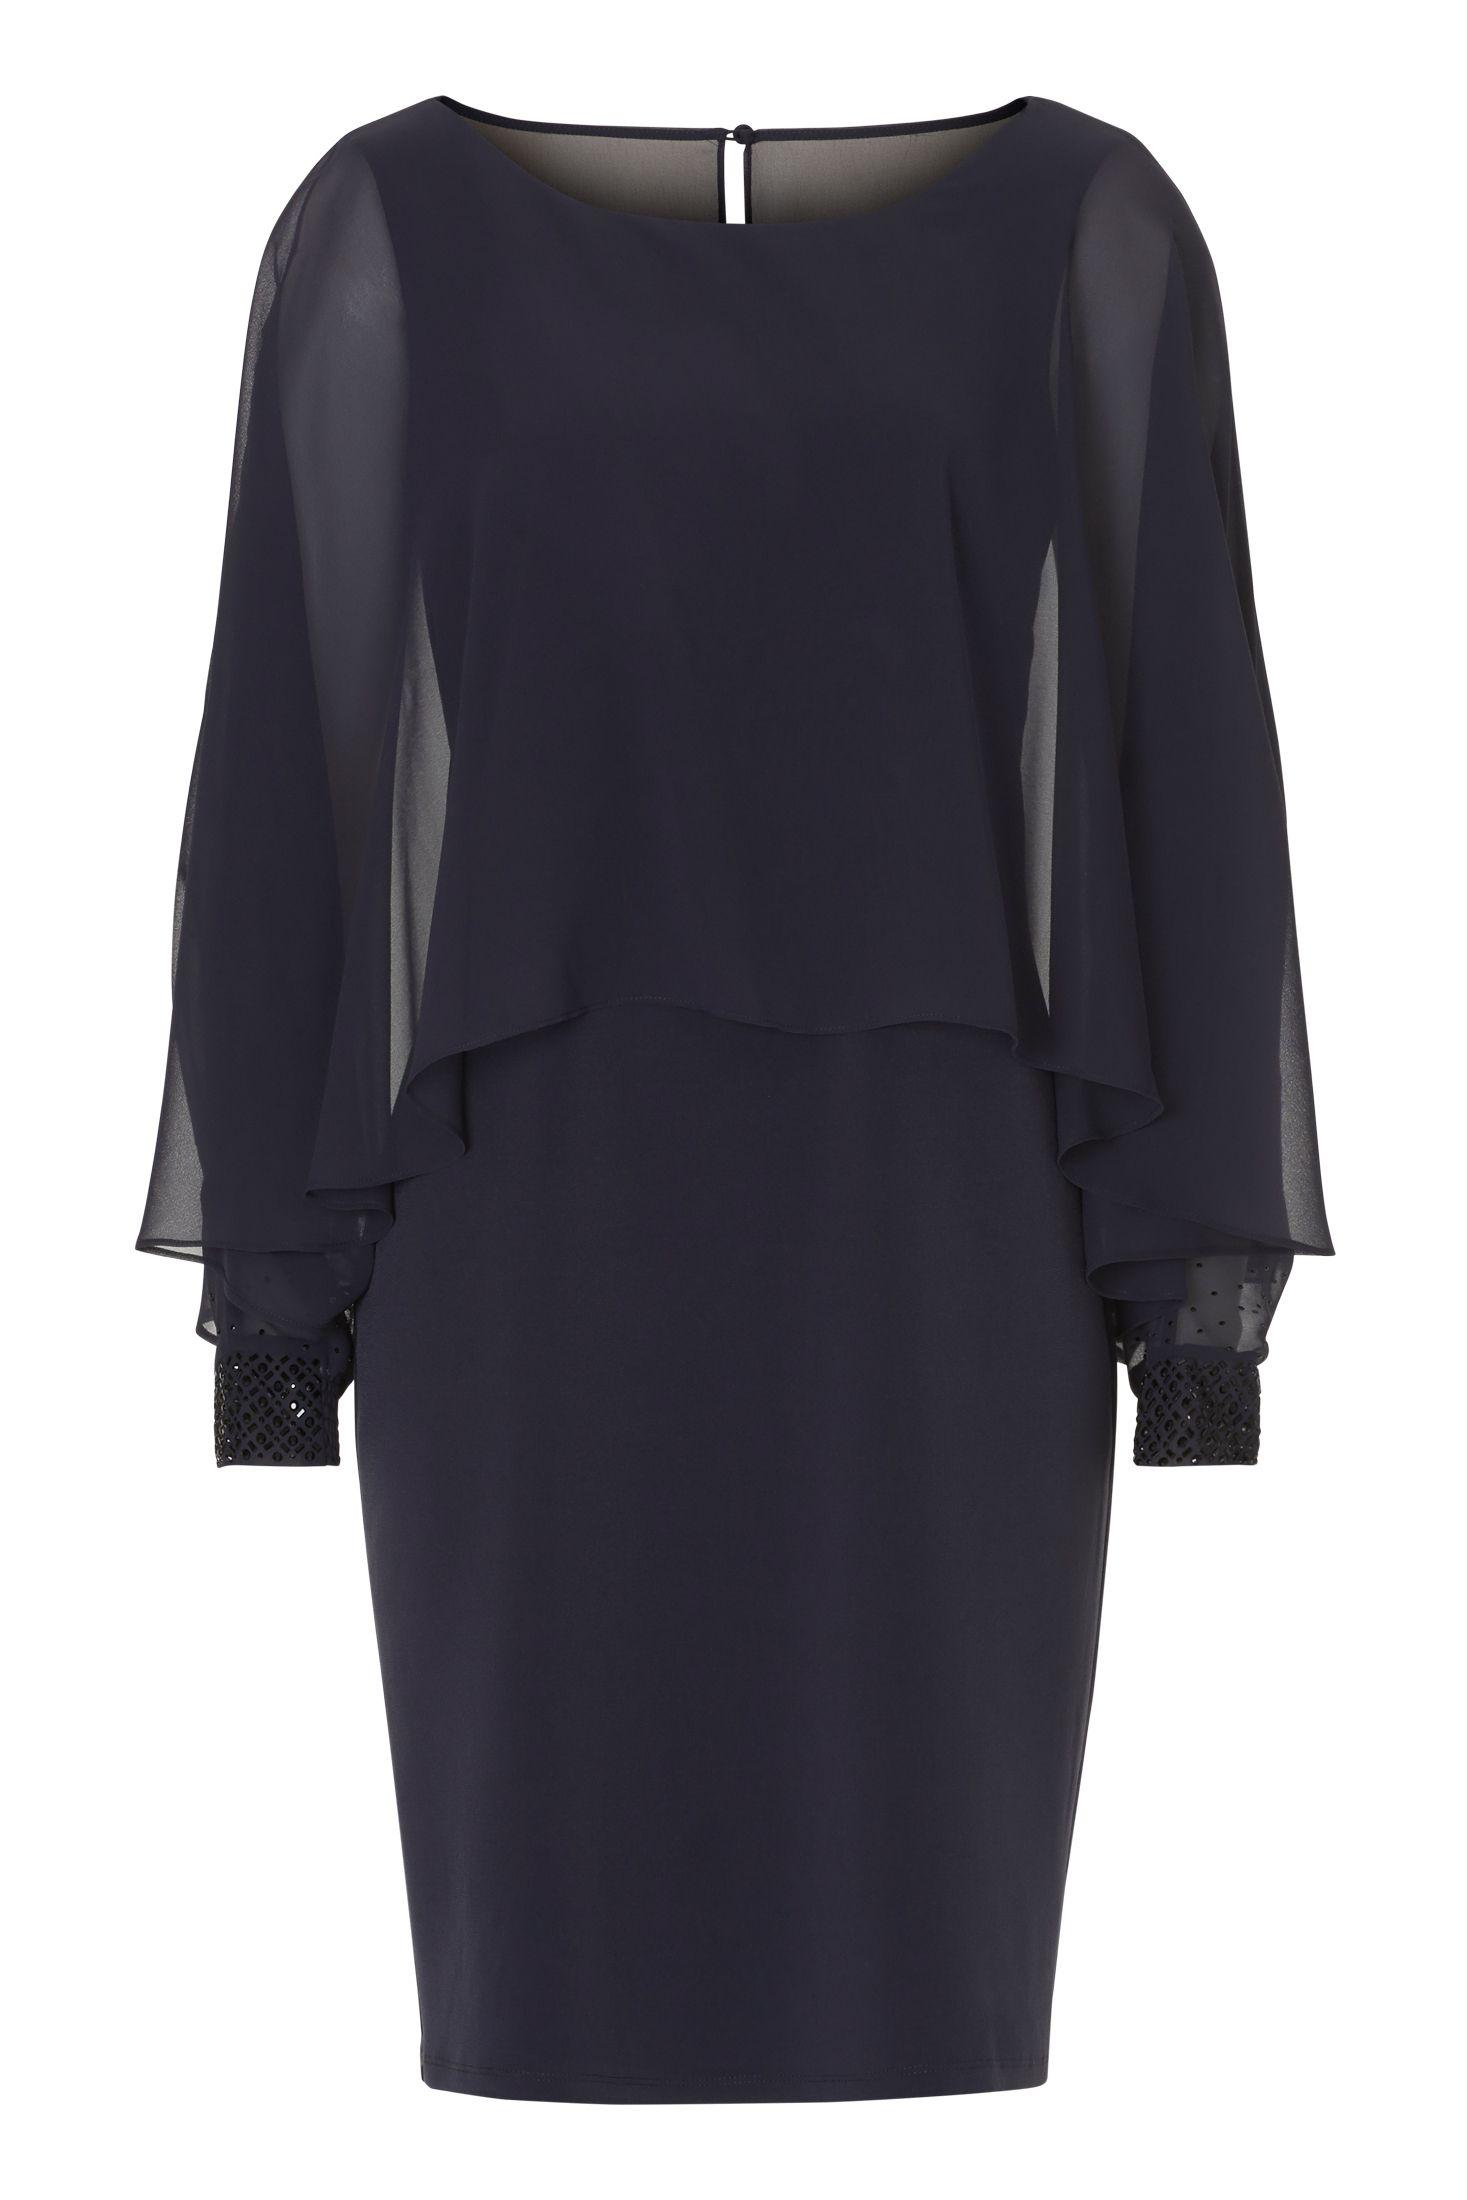 Kleid mit Cape und Ärmel in Nachtblau von Vera Mont  Mode